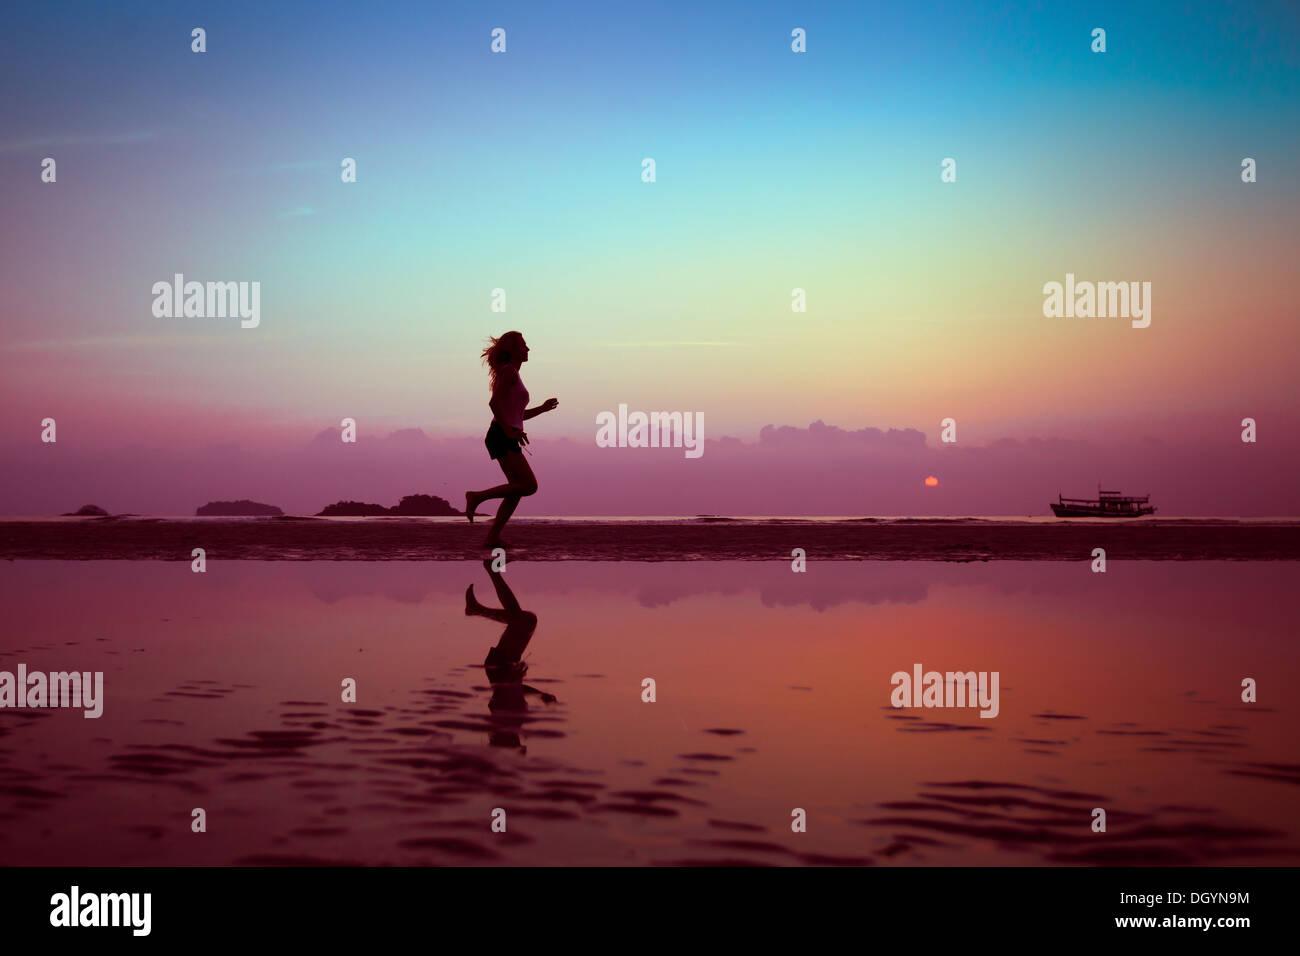 Benessere o sport sfondo, silhouette di donna sulla spiaggia Immagini Stock